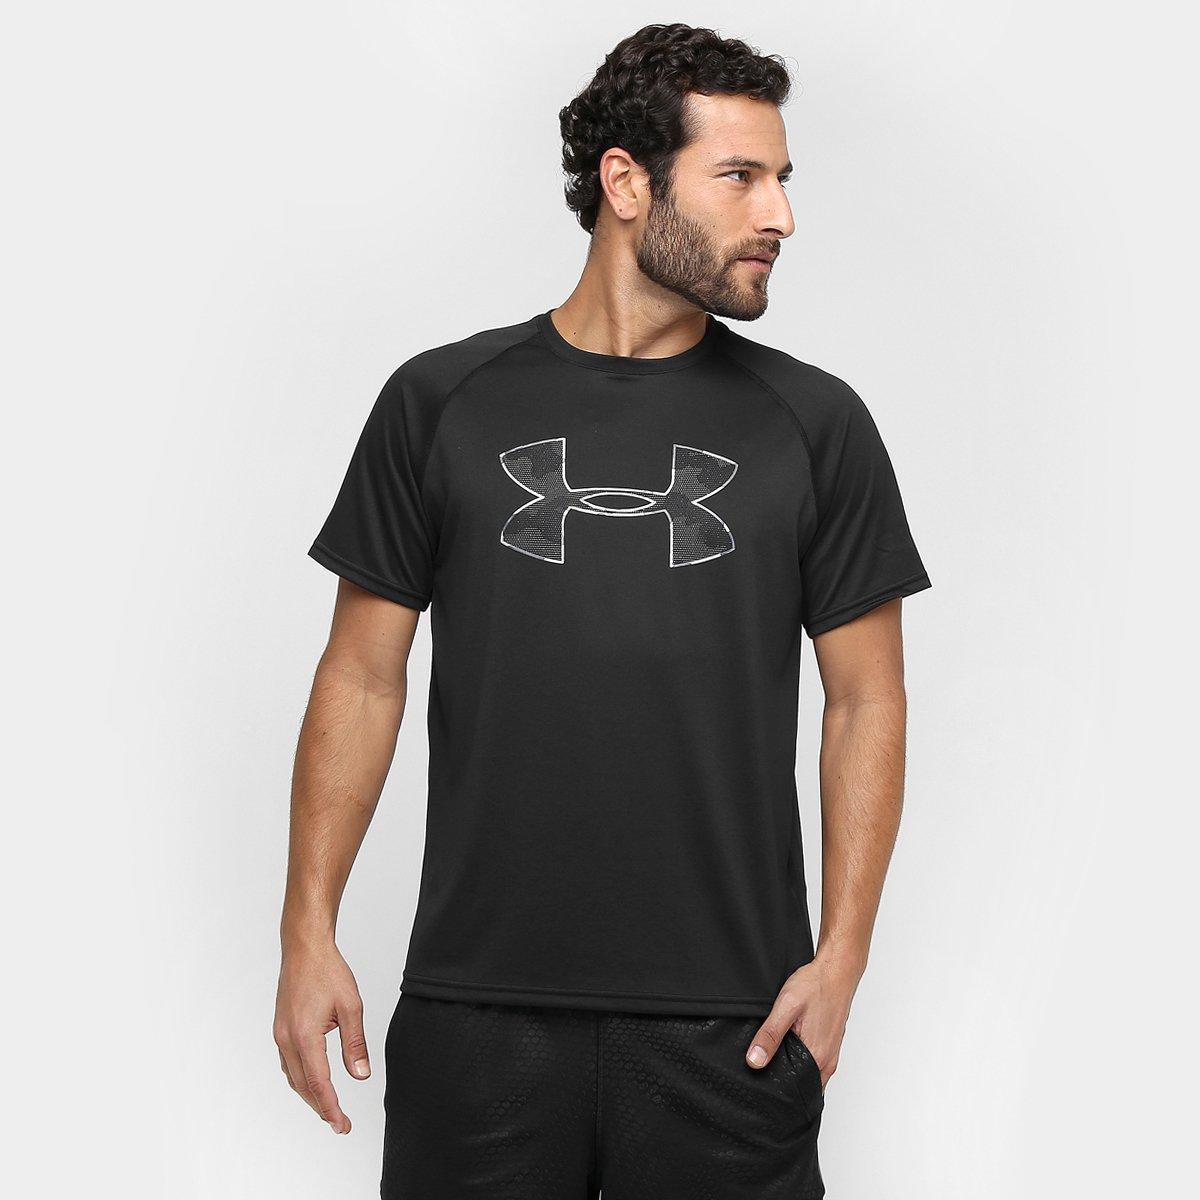 d99df32111b Camiseta Under Armour Tech Camo Big Logo Ss T Masculina - Compre Agora